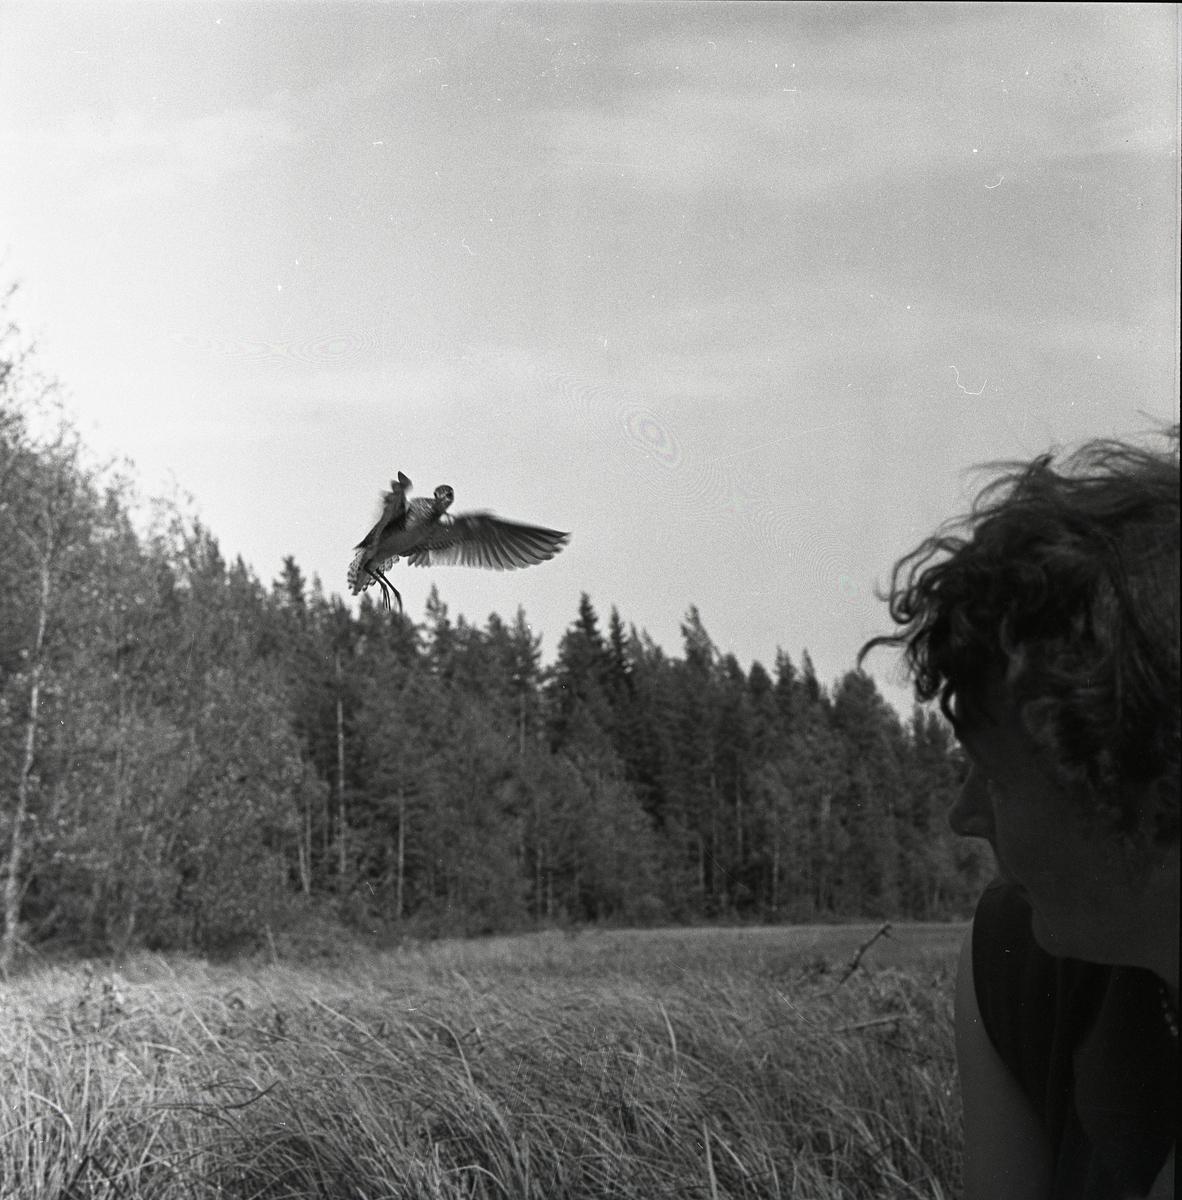 En flygande grönbena i Rogsta, juni 1959.